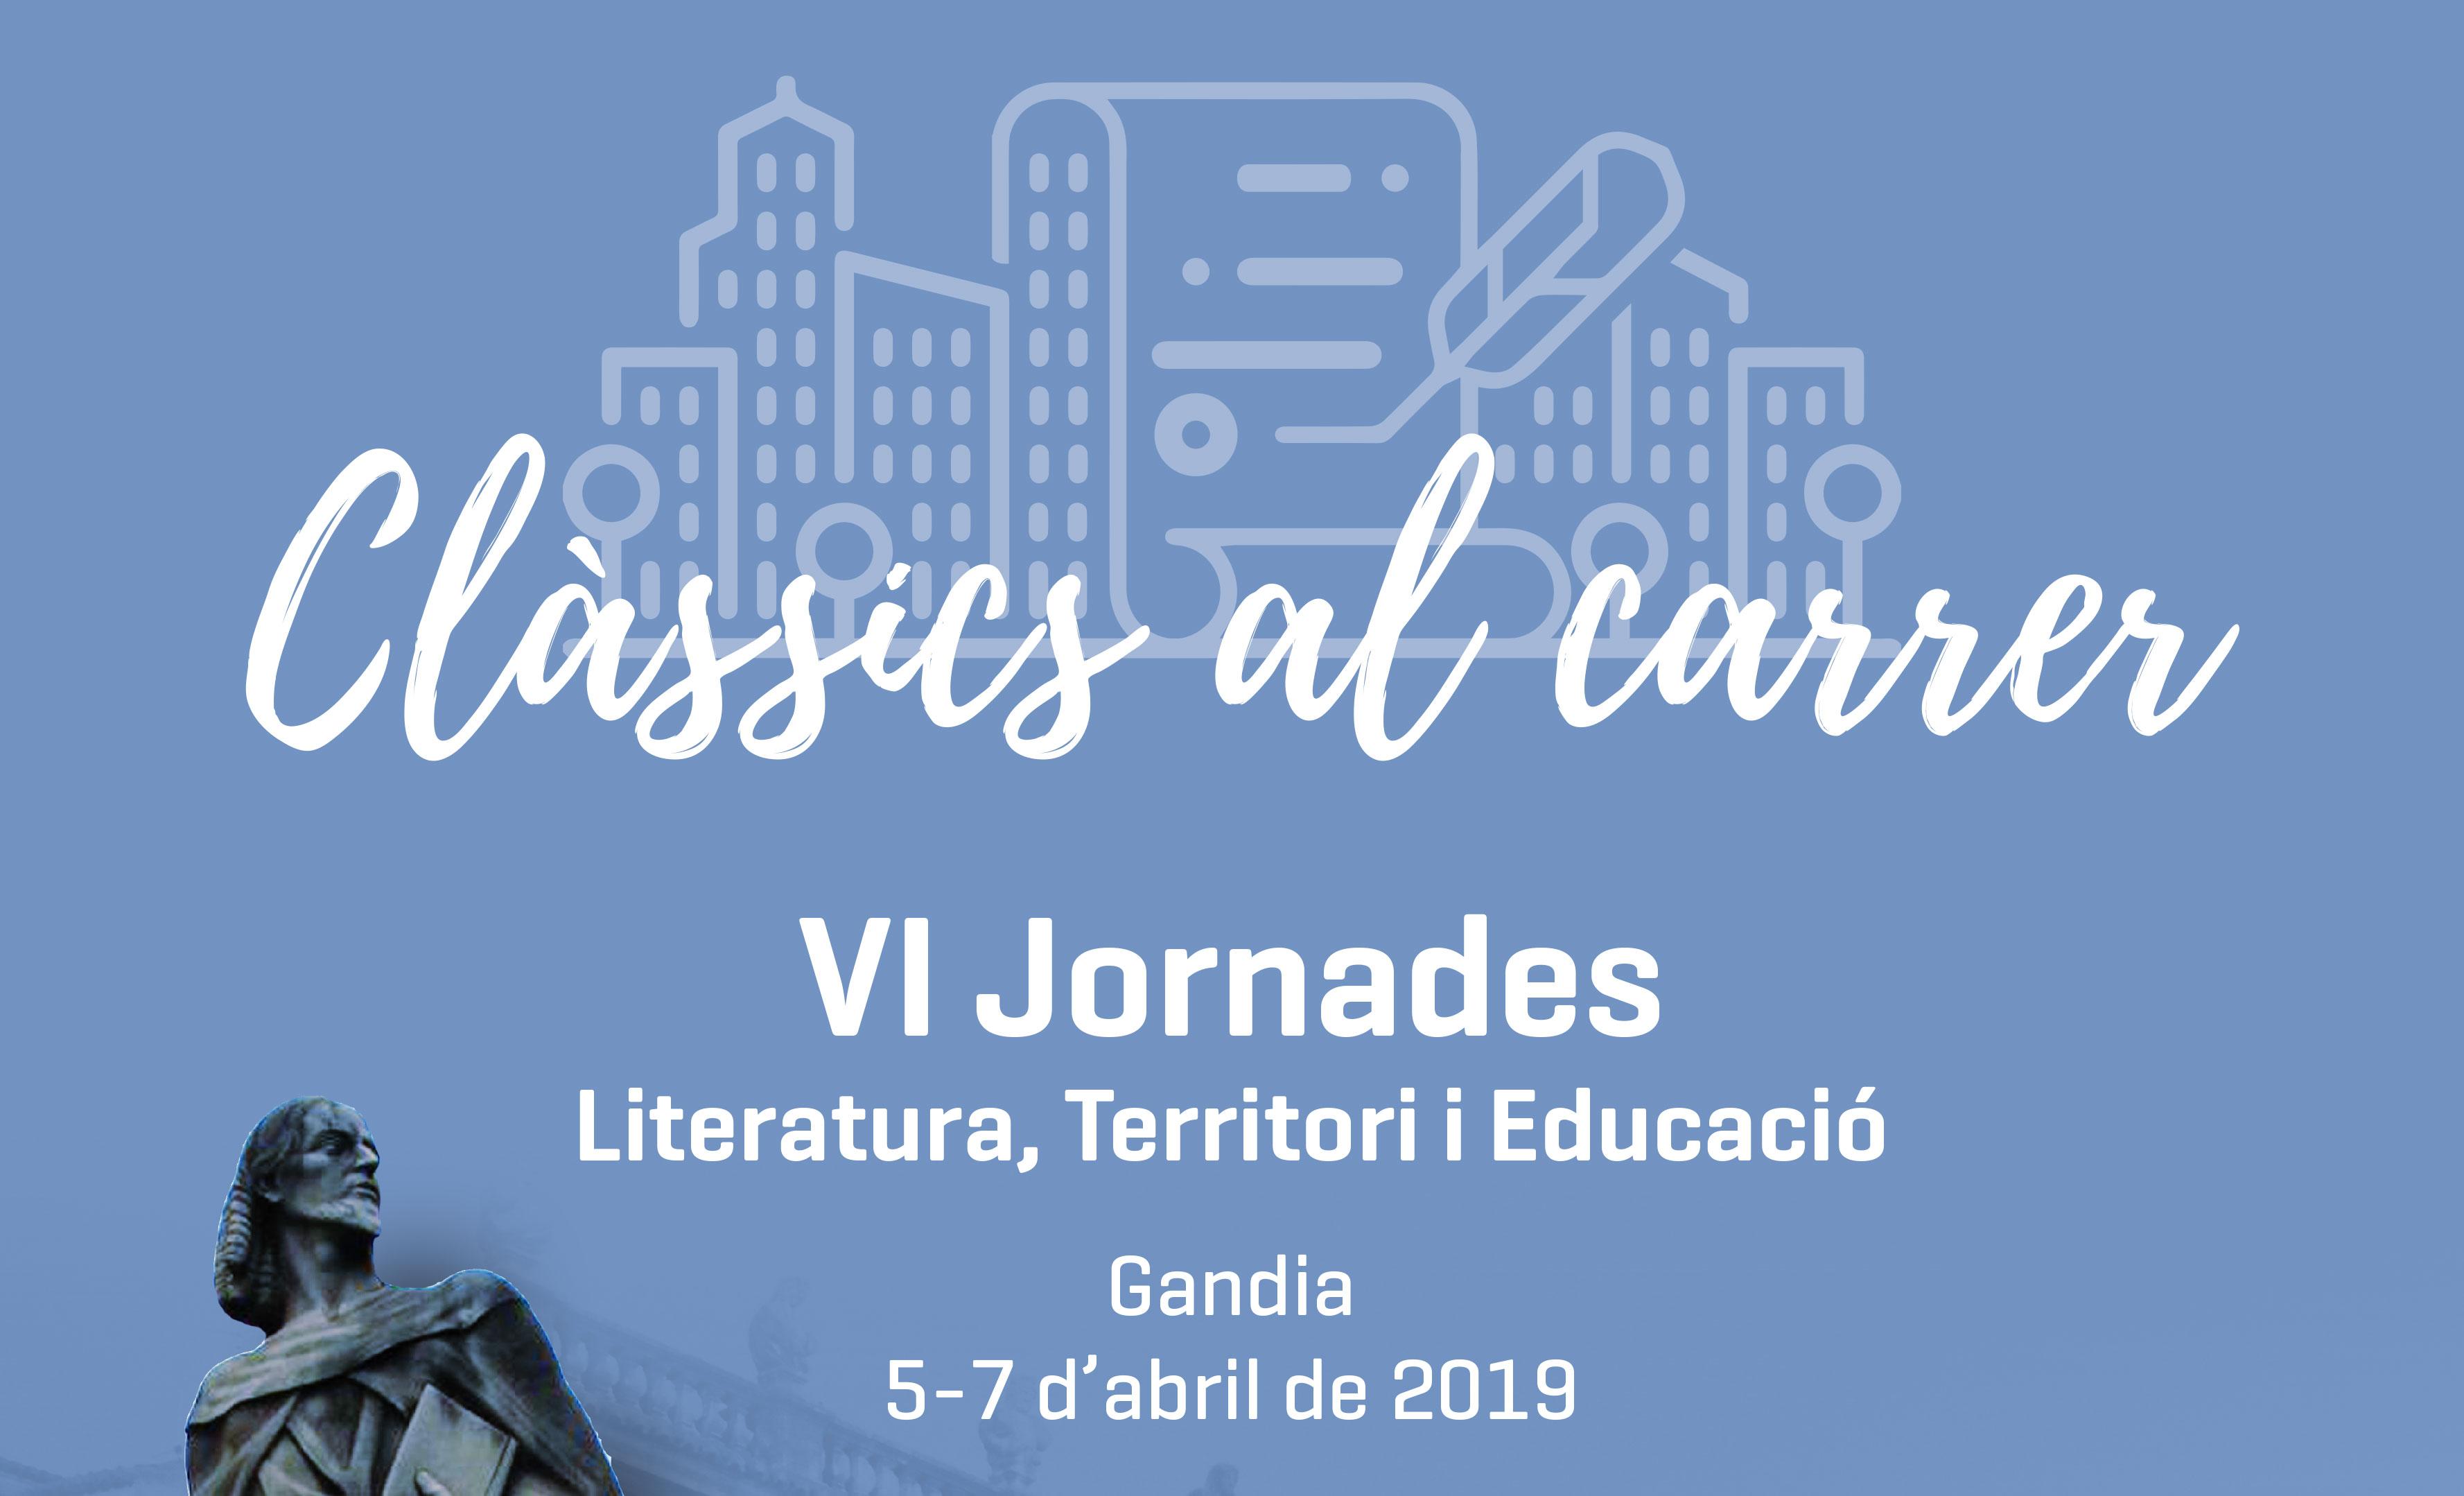 «CLASSICS AL CARRER» Jornades sobre Literatura, Territori i Educació